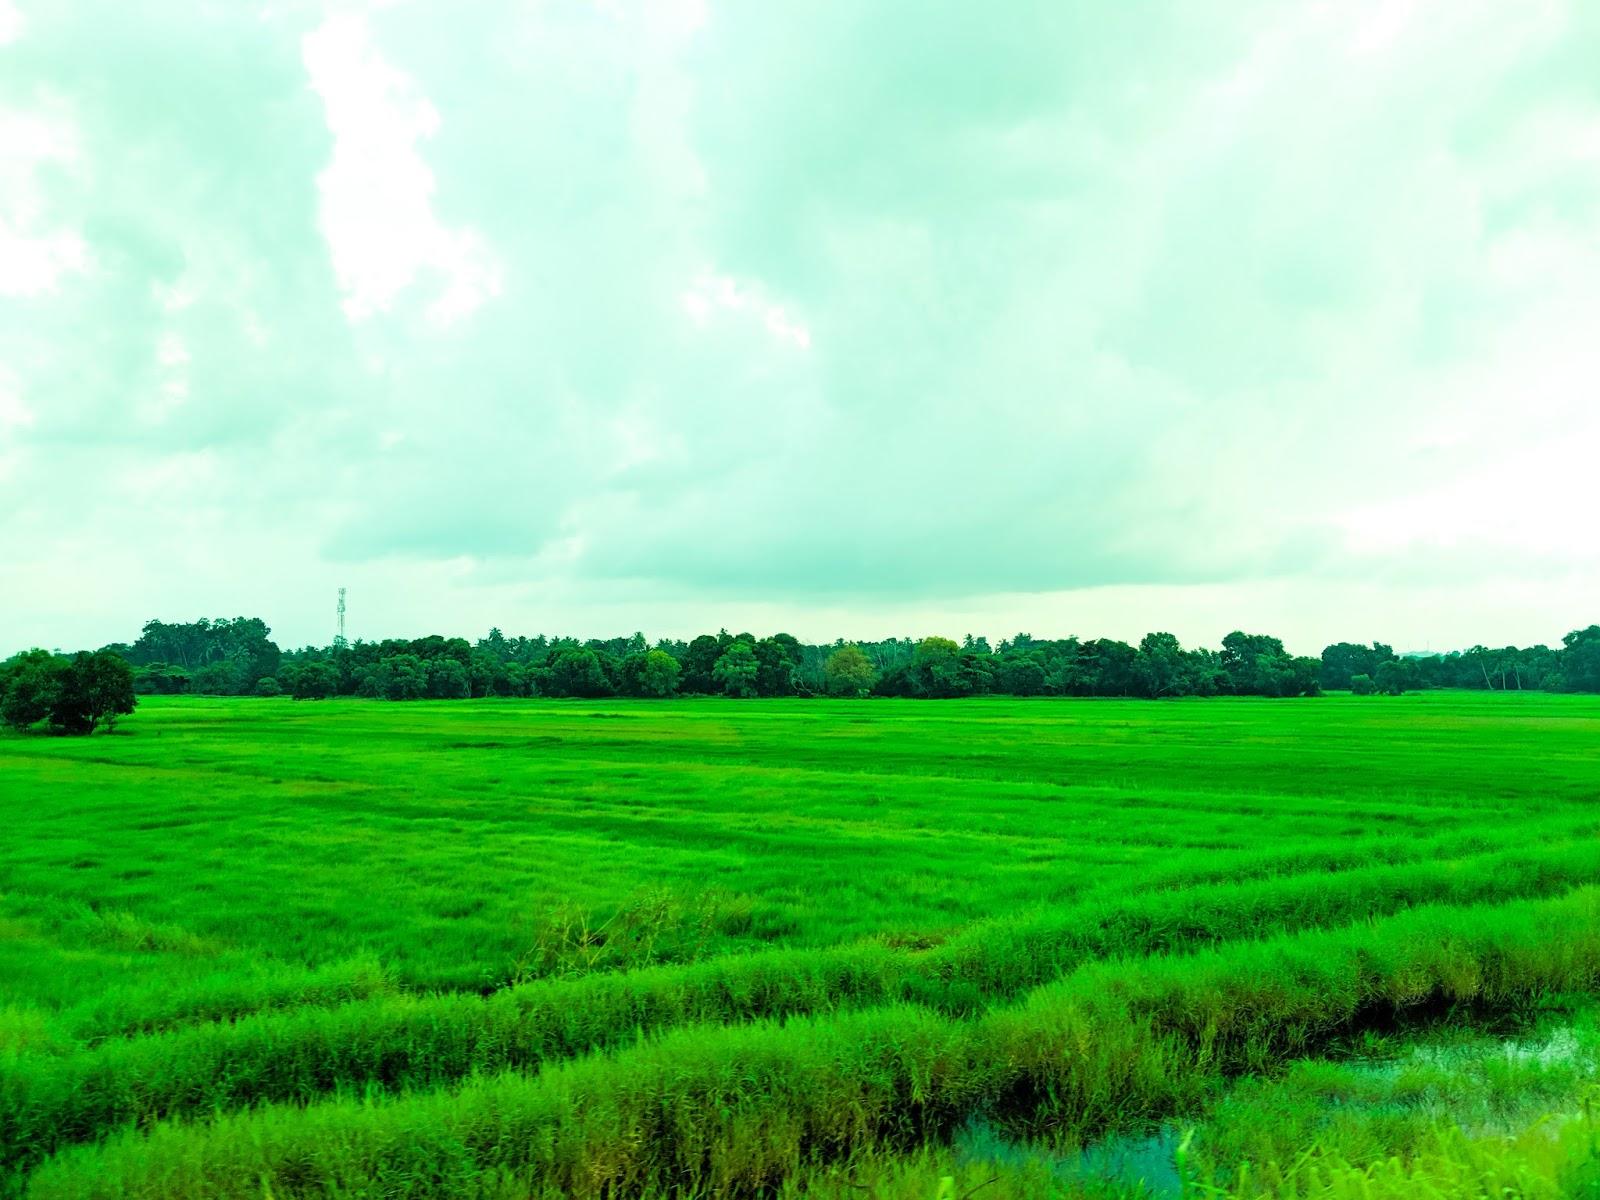 Green Paddy Fields In Sri Lanka